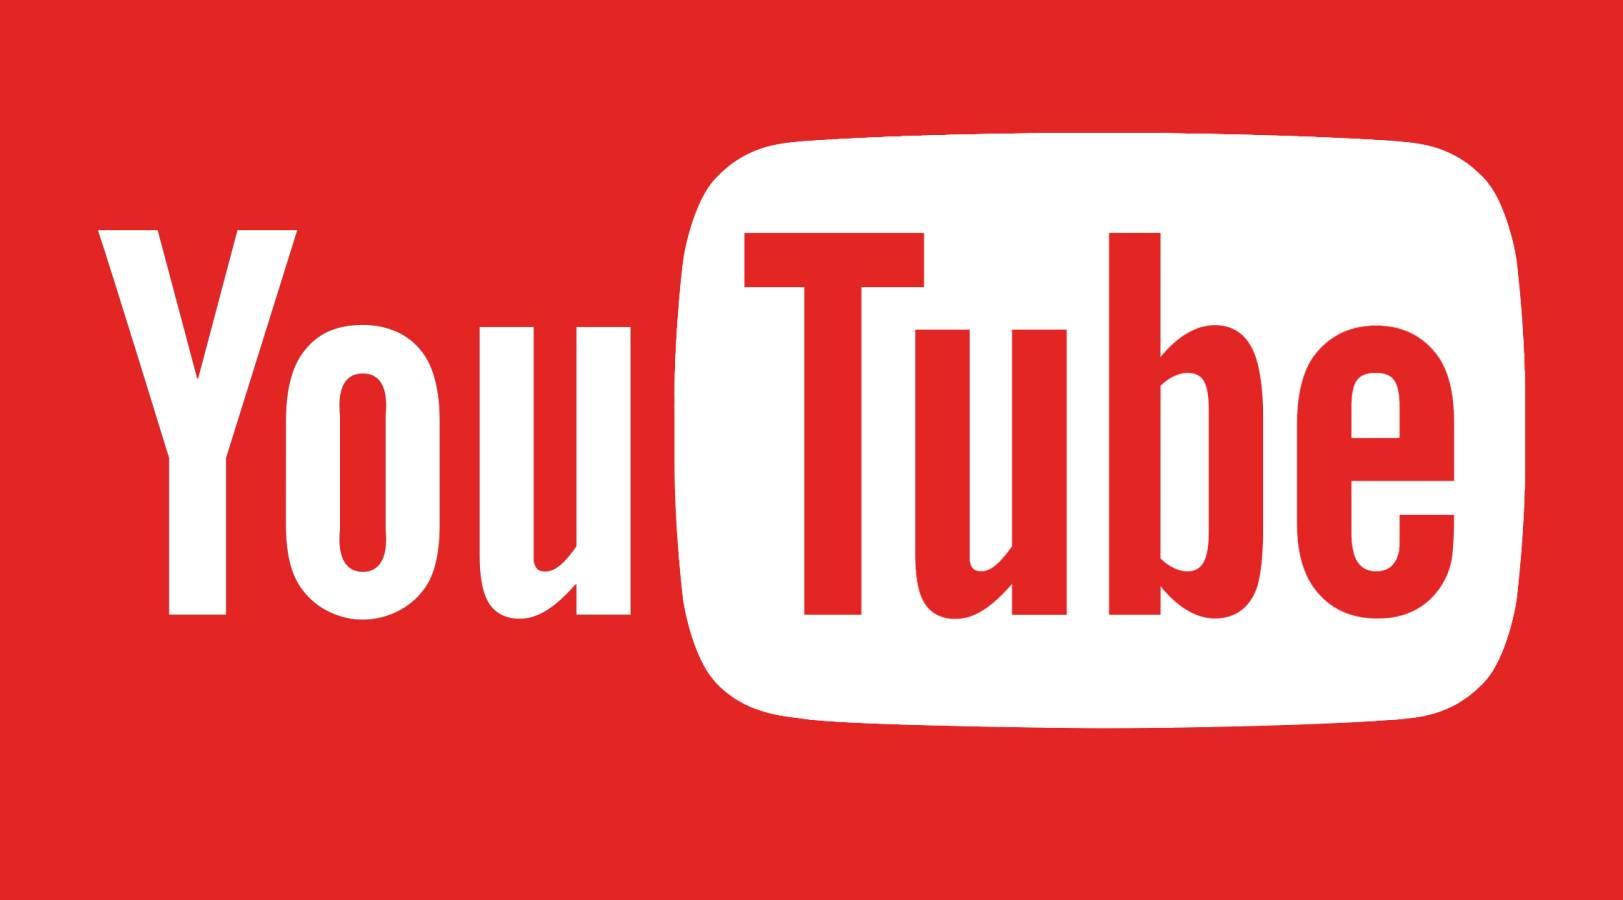 YouTube Actualizarea Lansata pentru Utilizatorii Toata lumea 428284